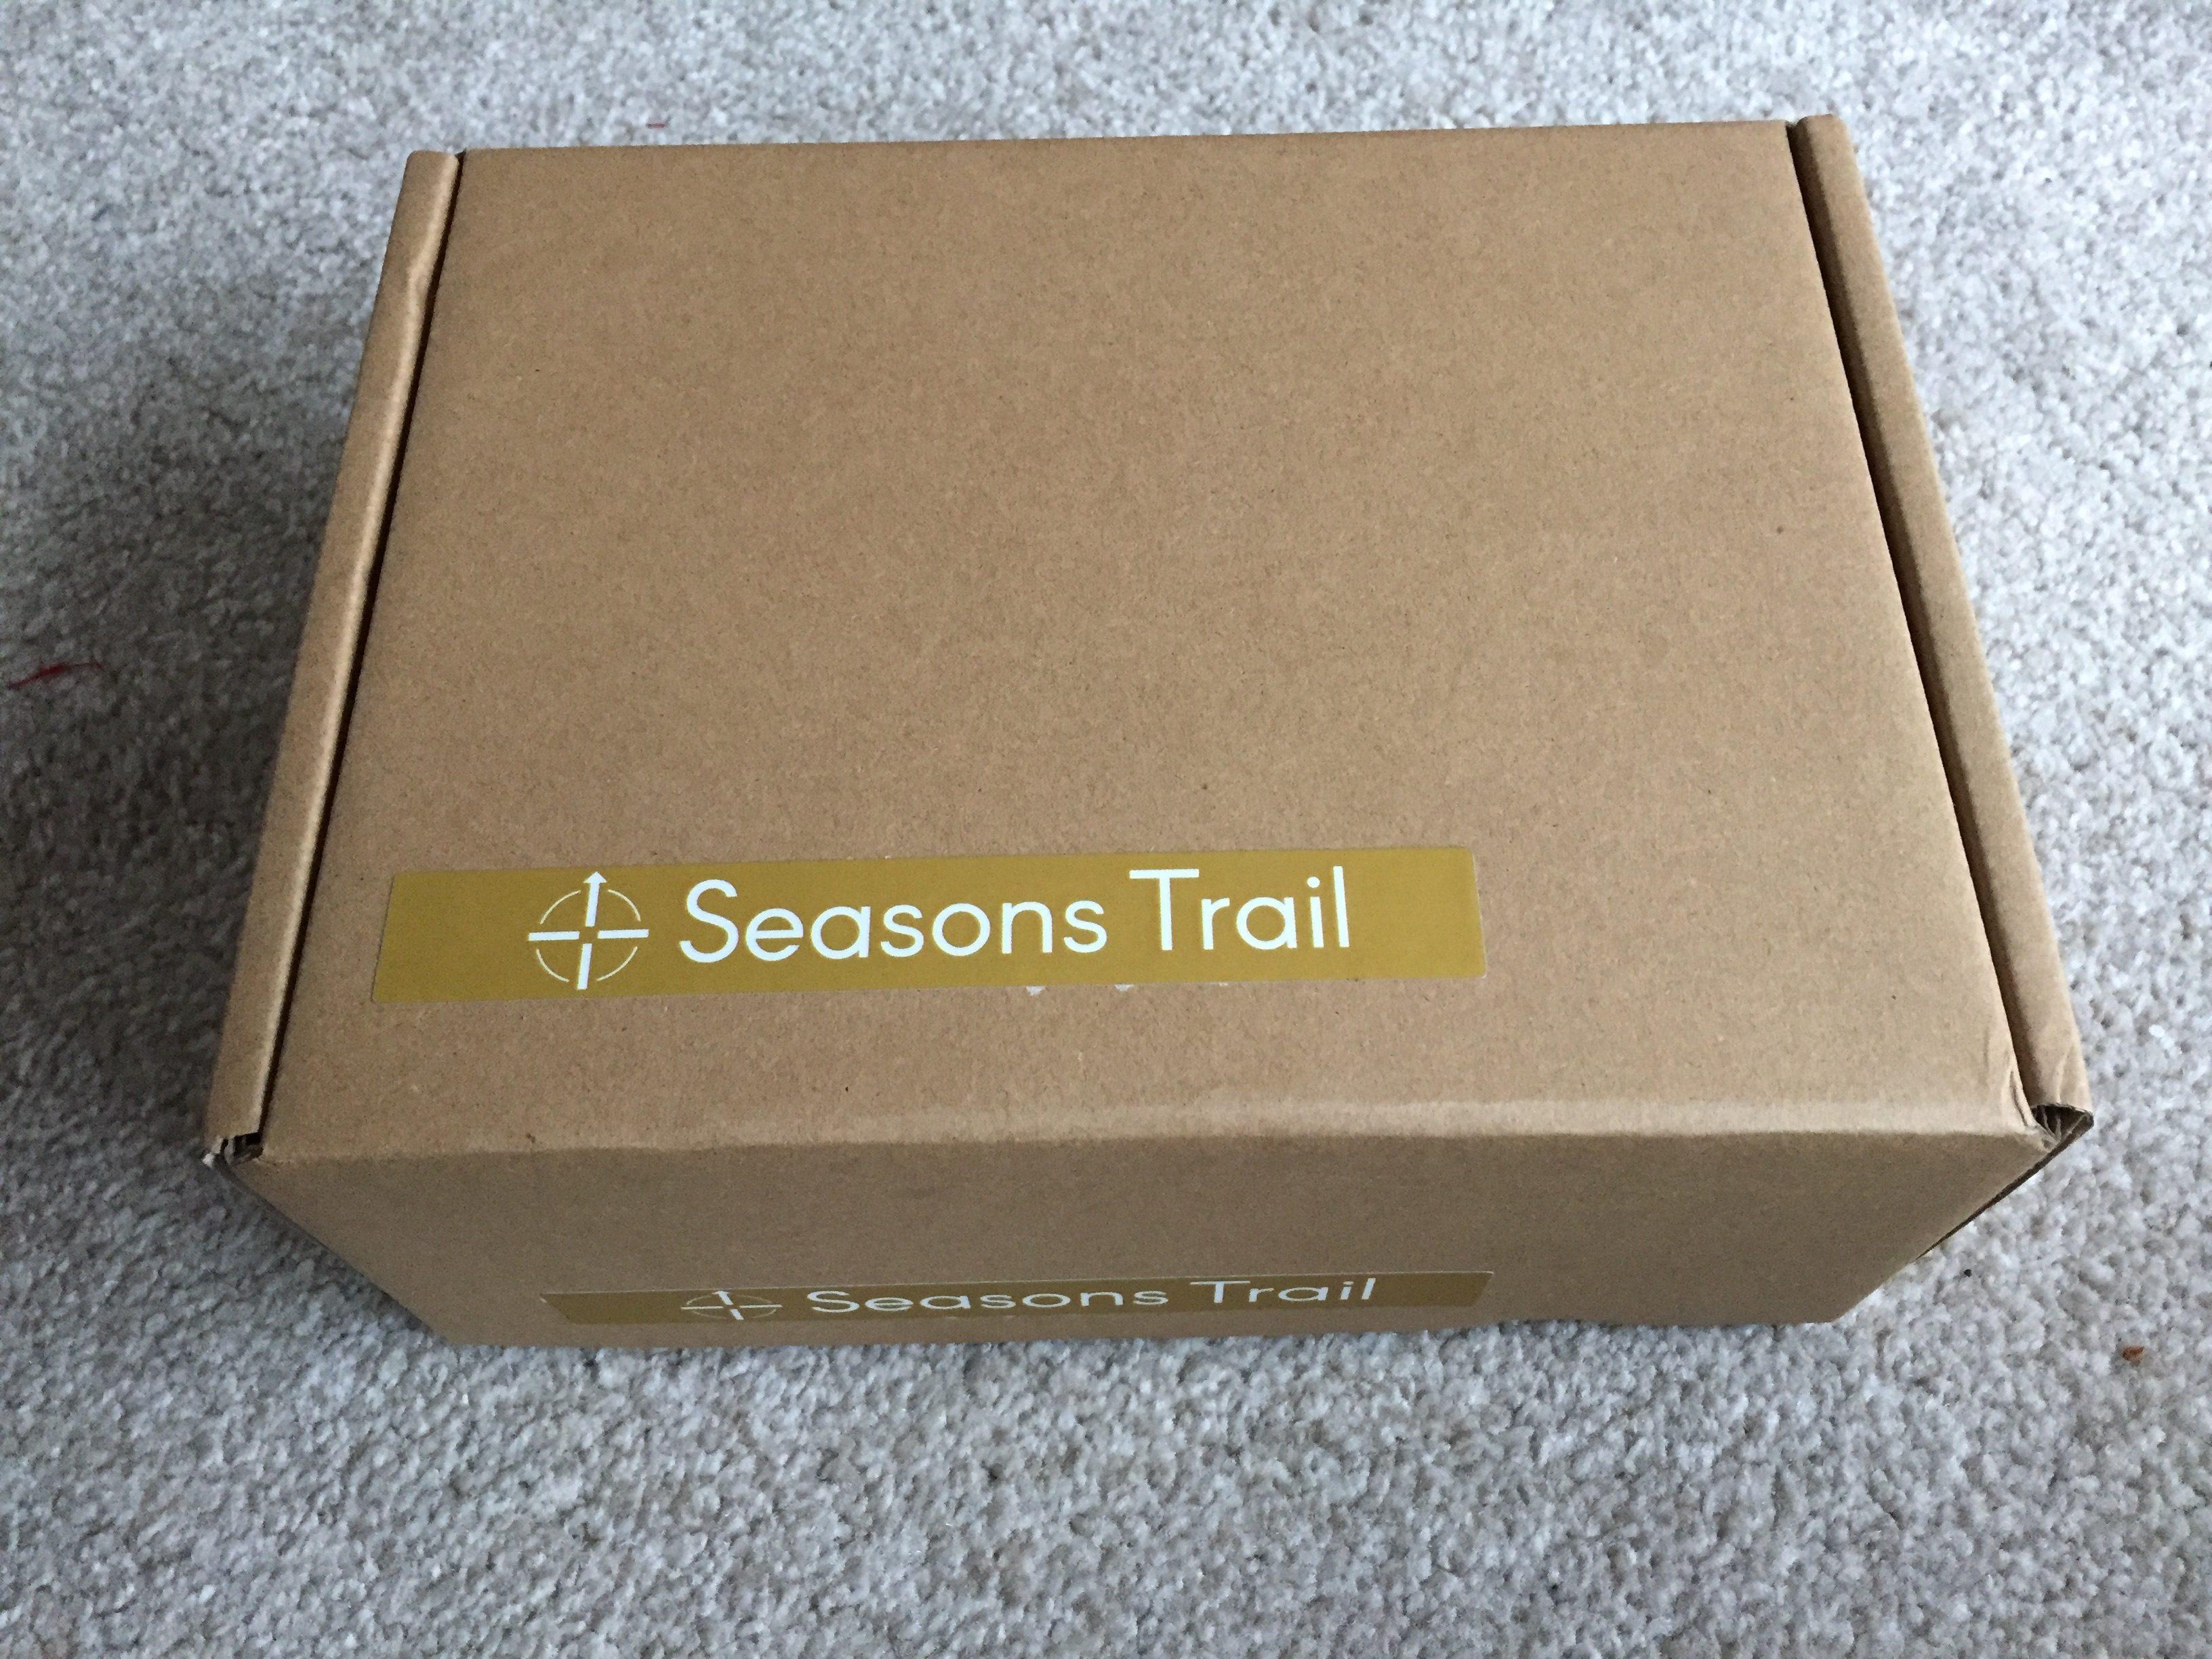 Seasons Trail box